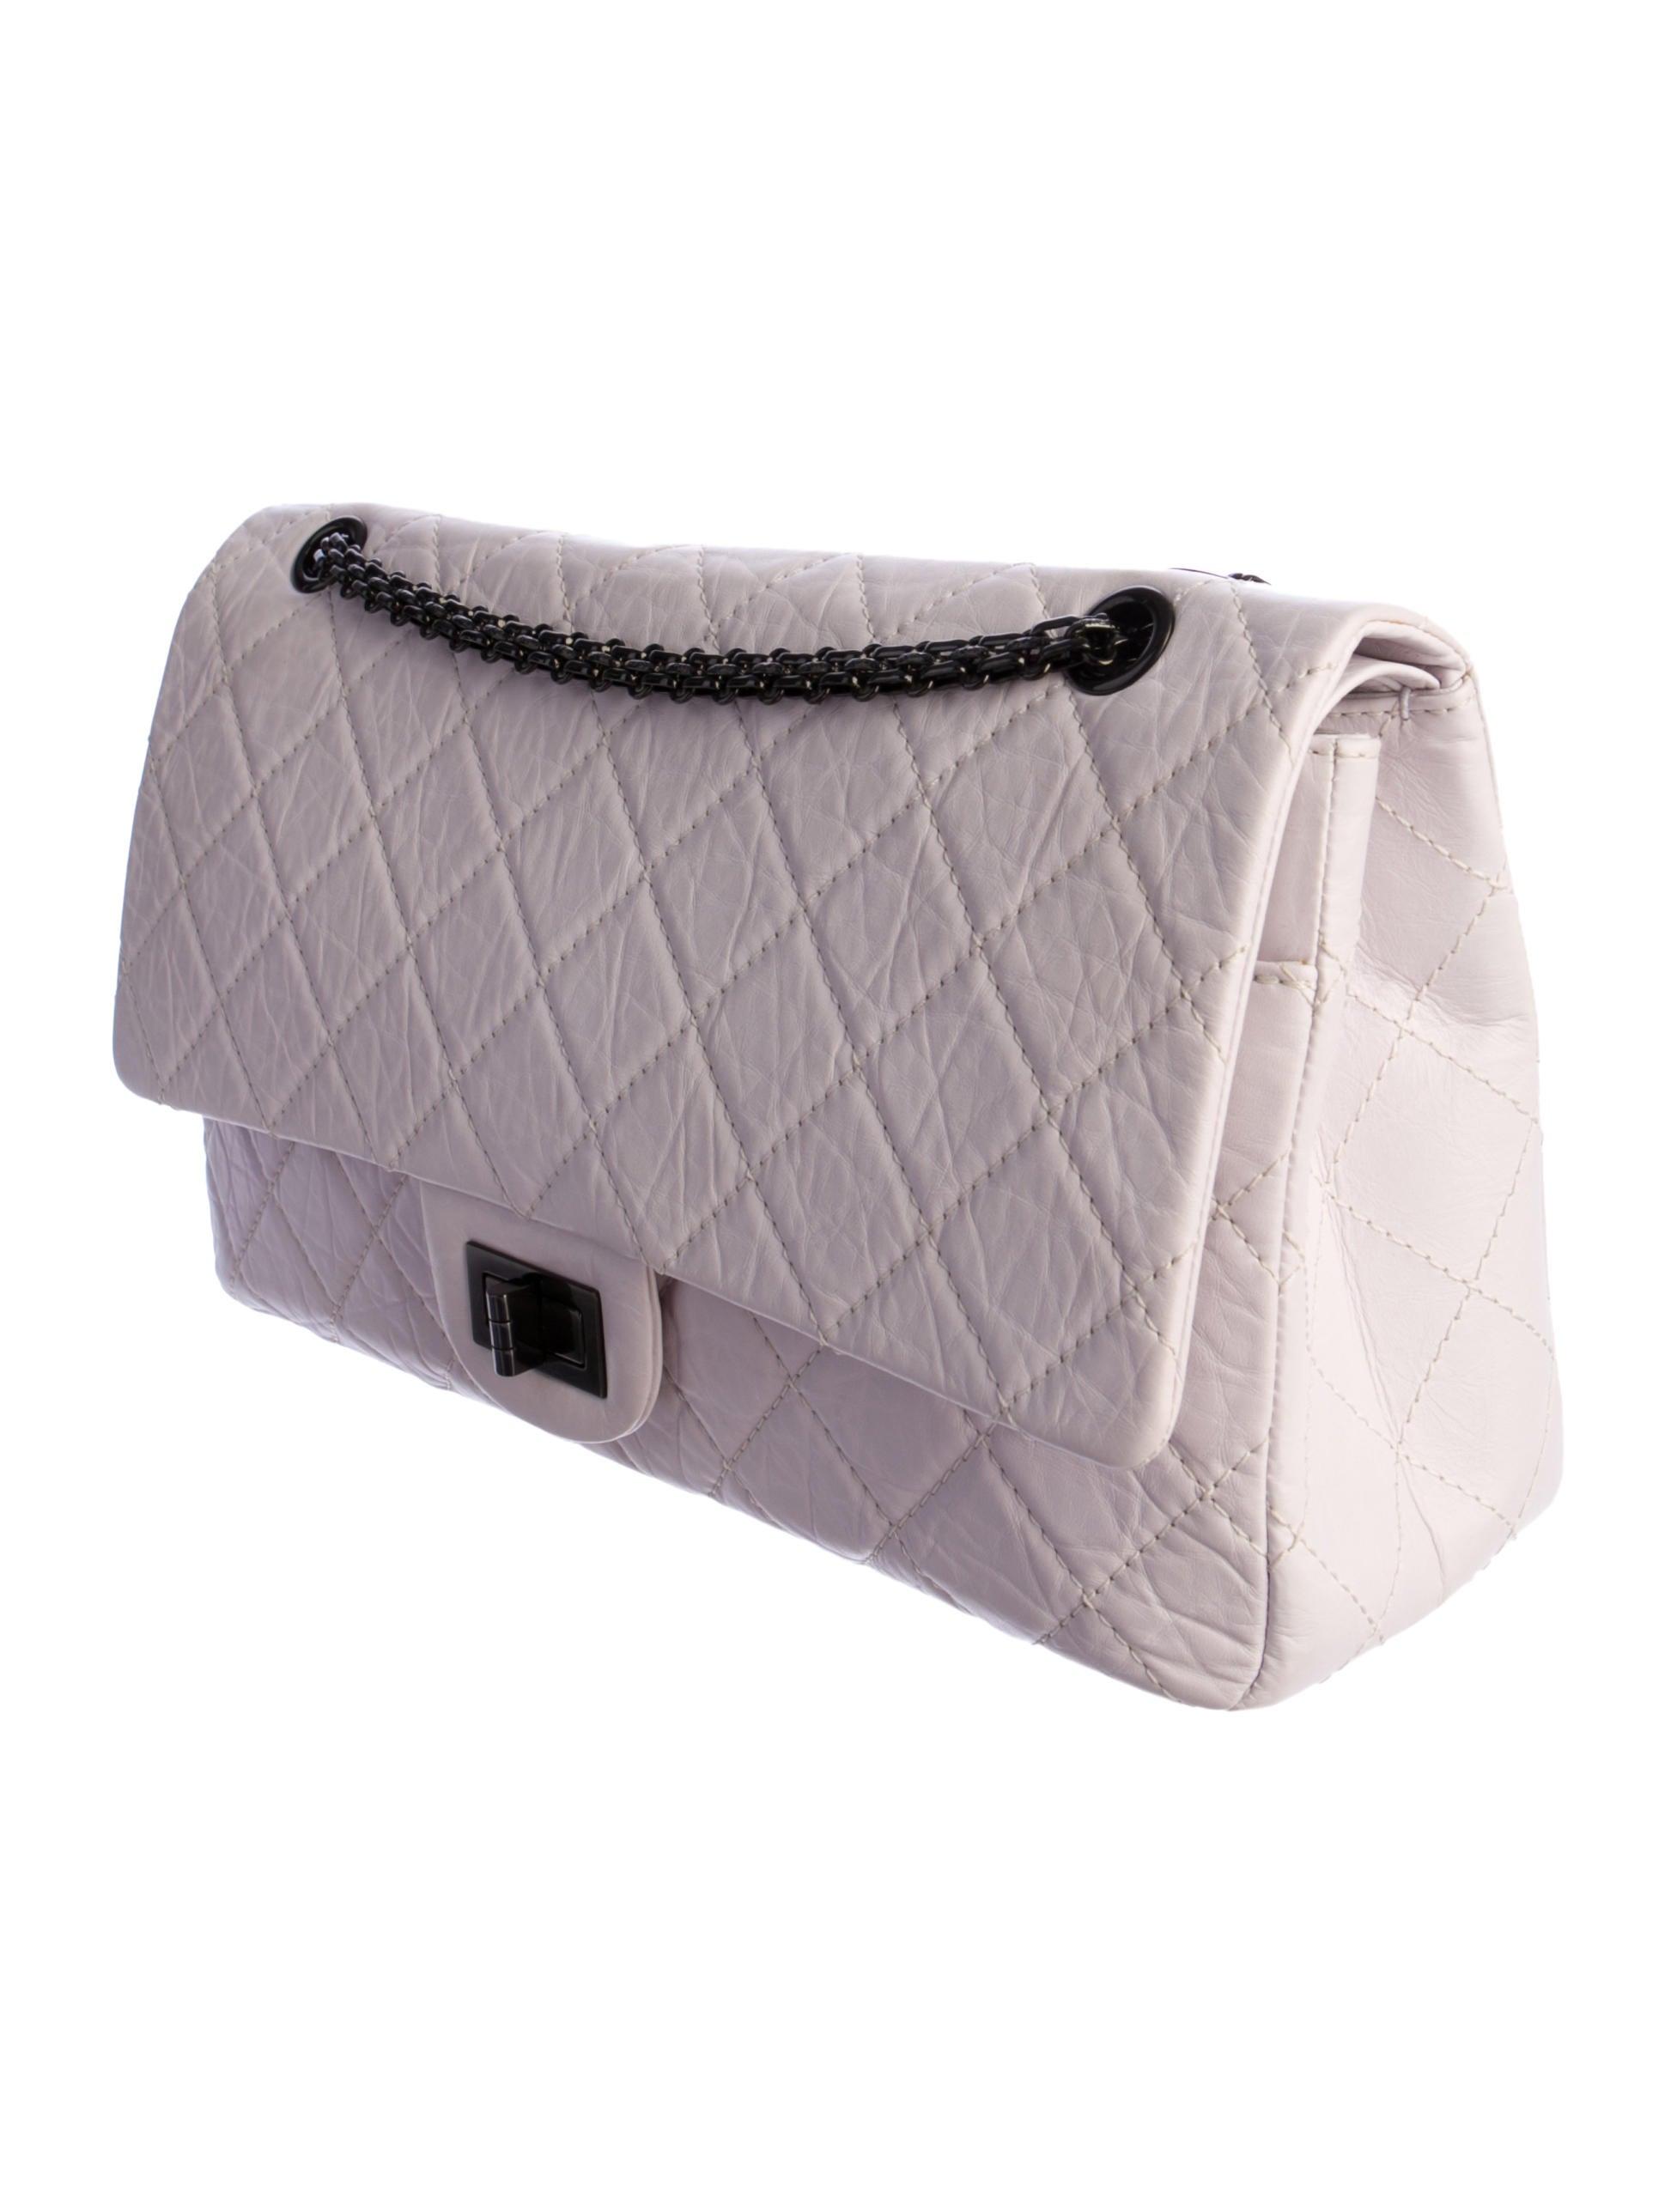 chanel 2 55 reissue 227 flap bag handbags cha47004